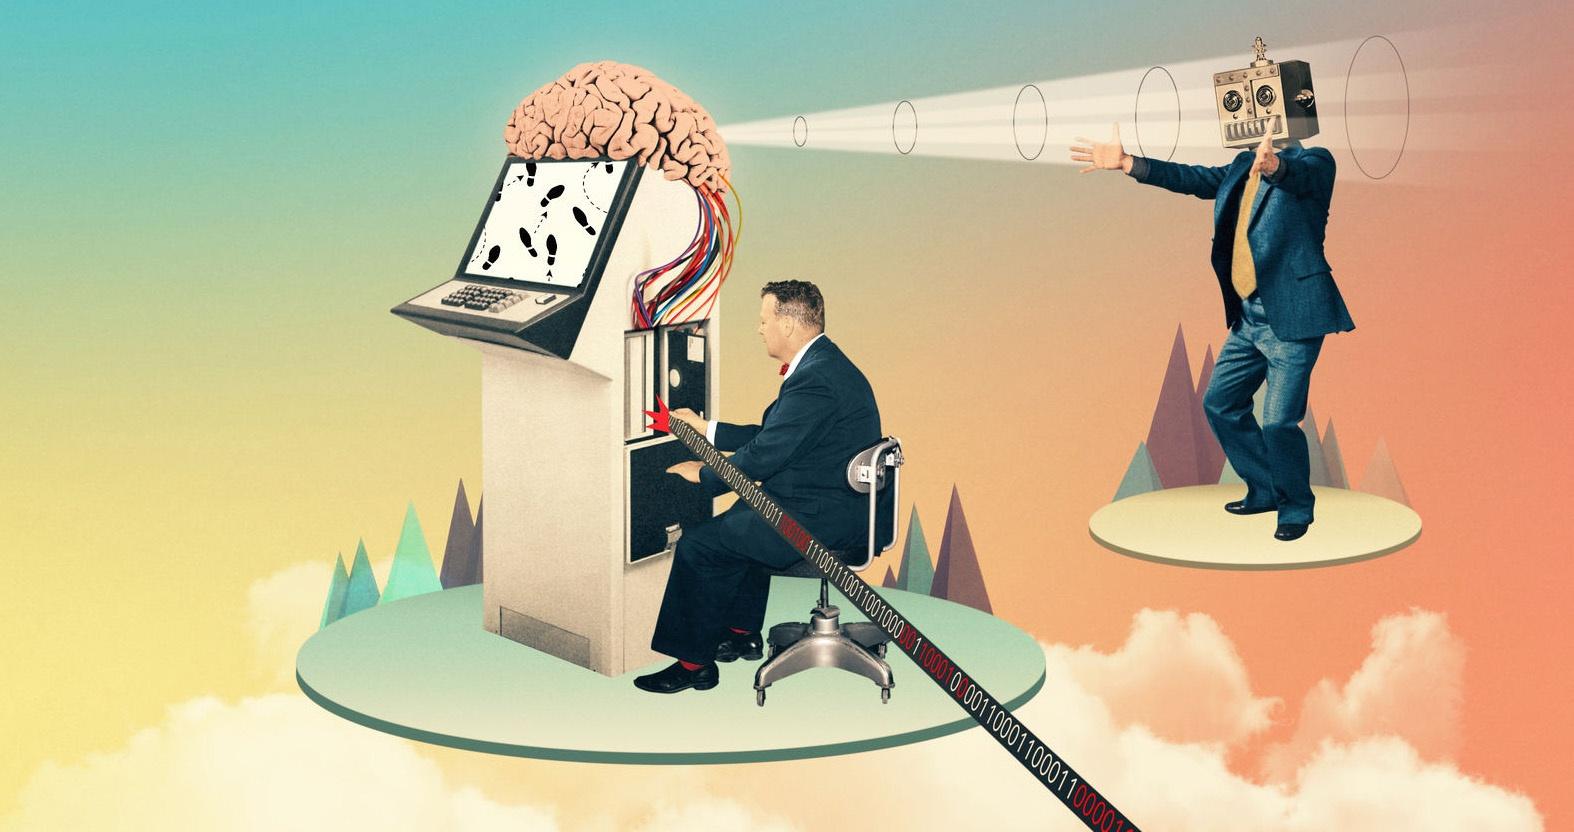 Как ввести в заблуждение компьютер: коварная наука обмана искусственного интеллекта - 1